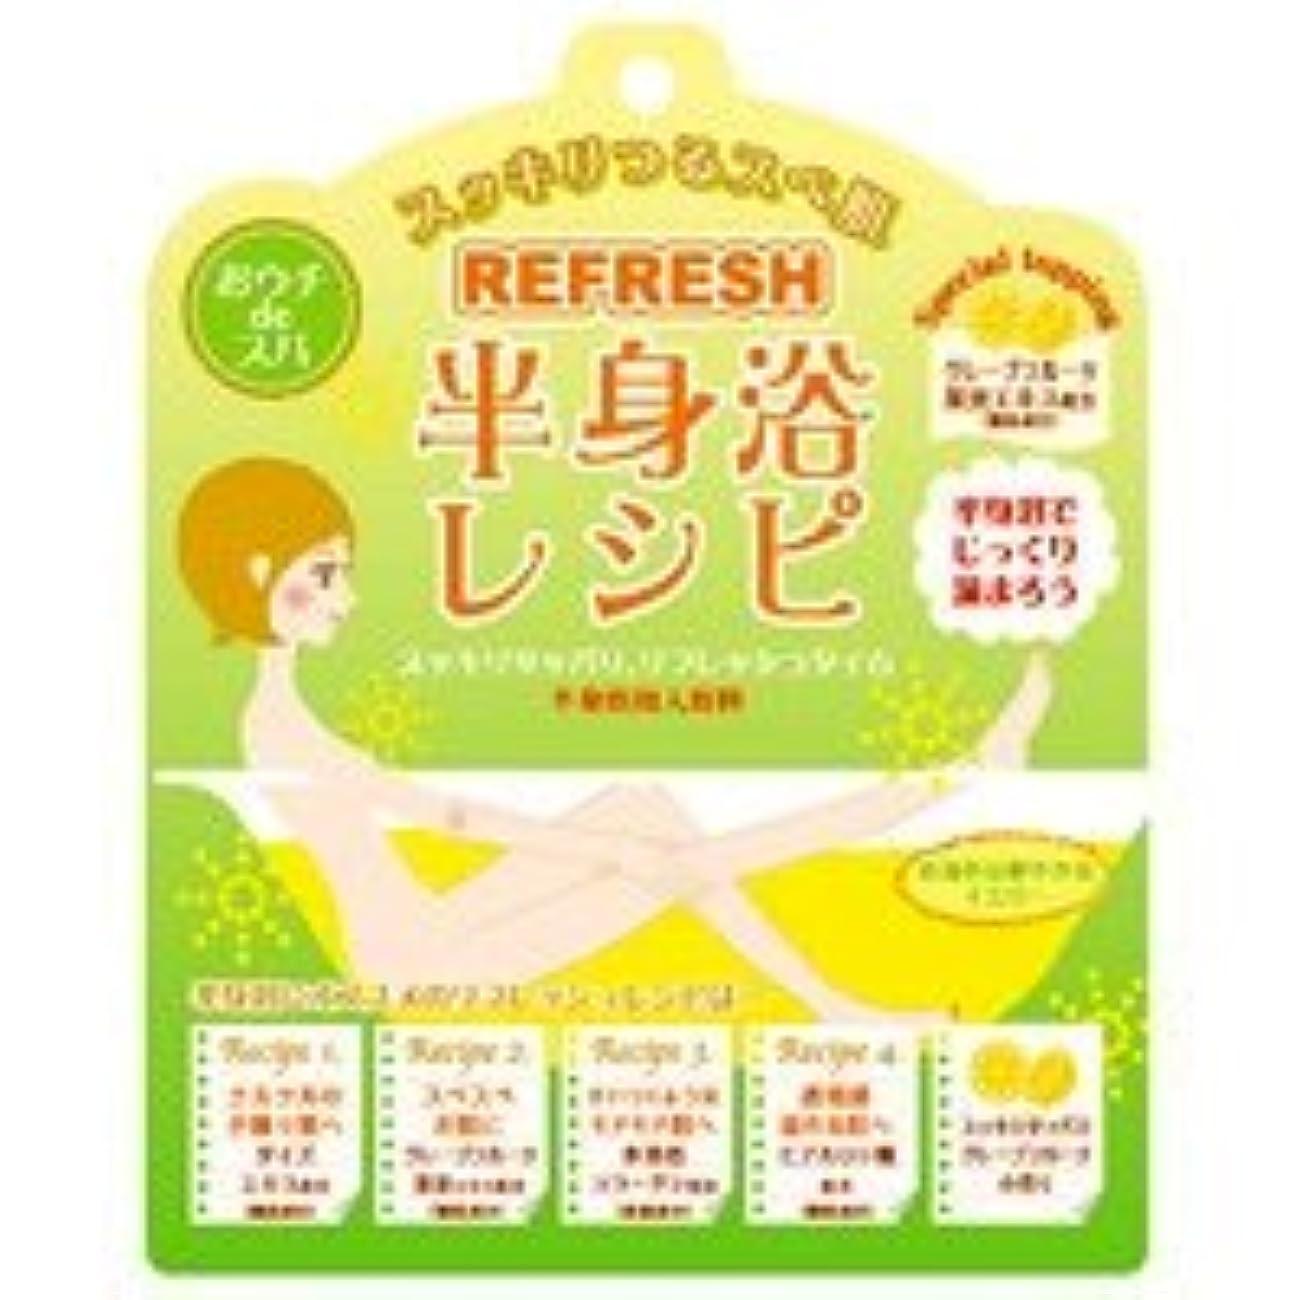 代わりにを立てるディンカルビルルビー半身浴レシピ「リフレッシュレシピ」10個セット クリアイエローのお湯 スッキリサッパリなグレープフルーツの香り